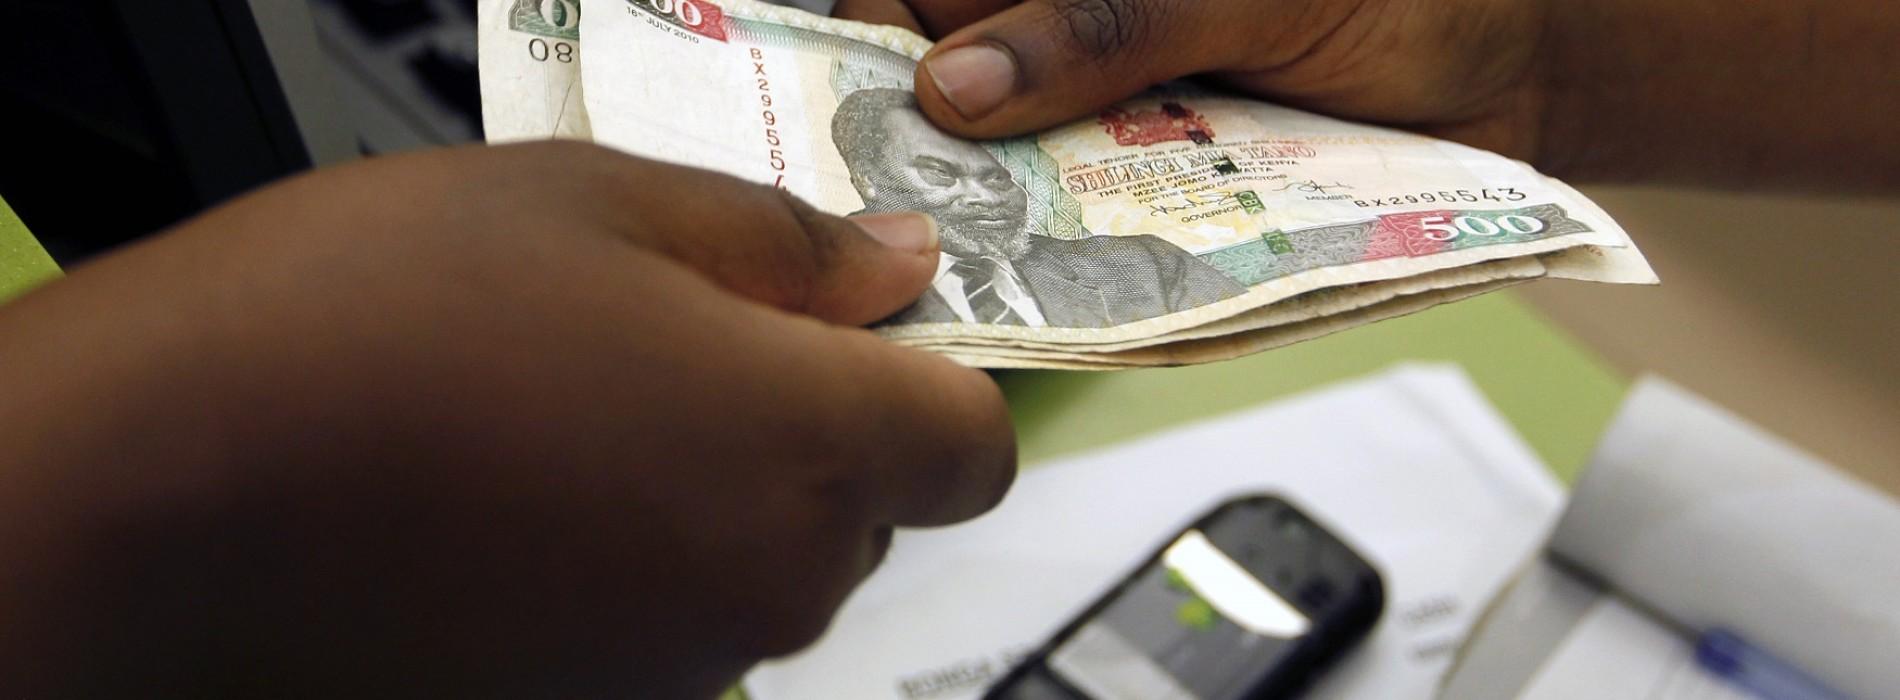 Perche il Mobile Banking e' un Business molto interessante in Africa